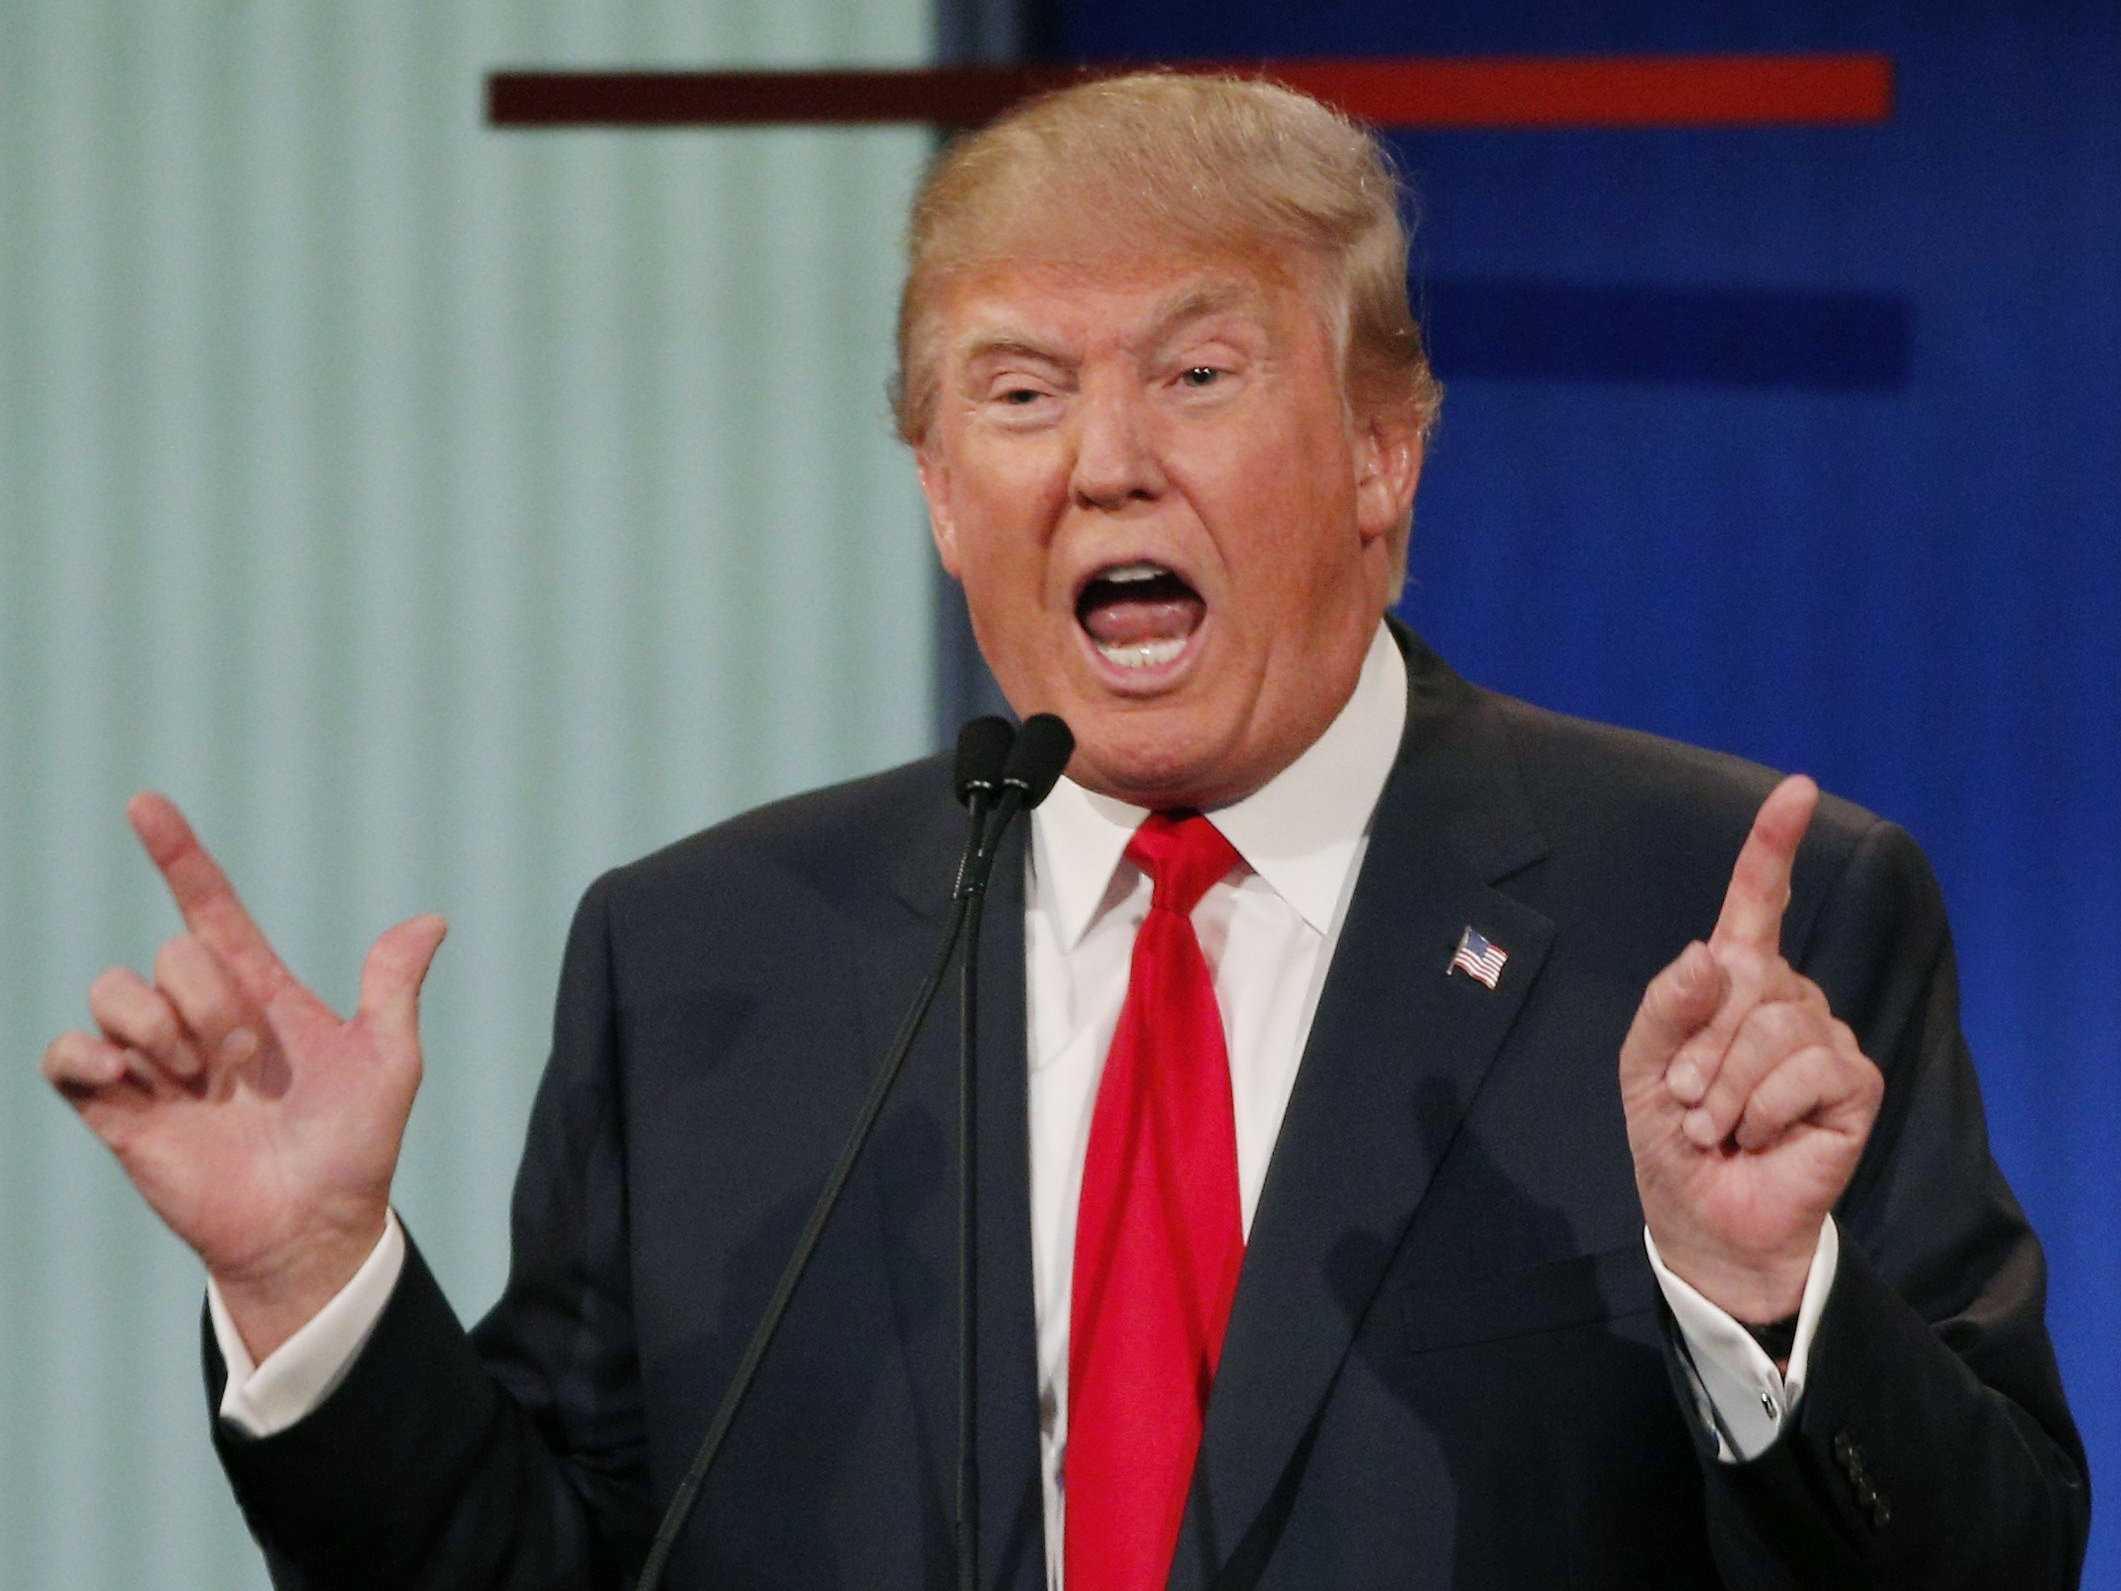 اوباما اور ہلیری دولتِ اسلامیہ کے بانی ہیں: ٹرمپ